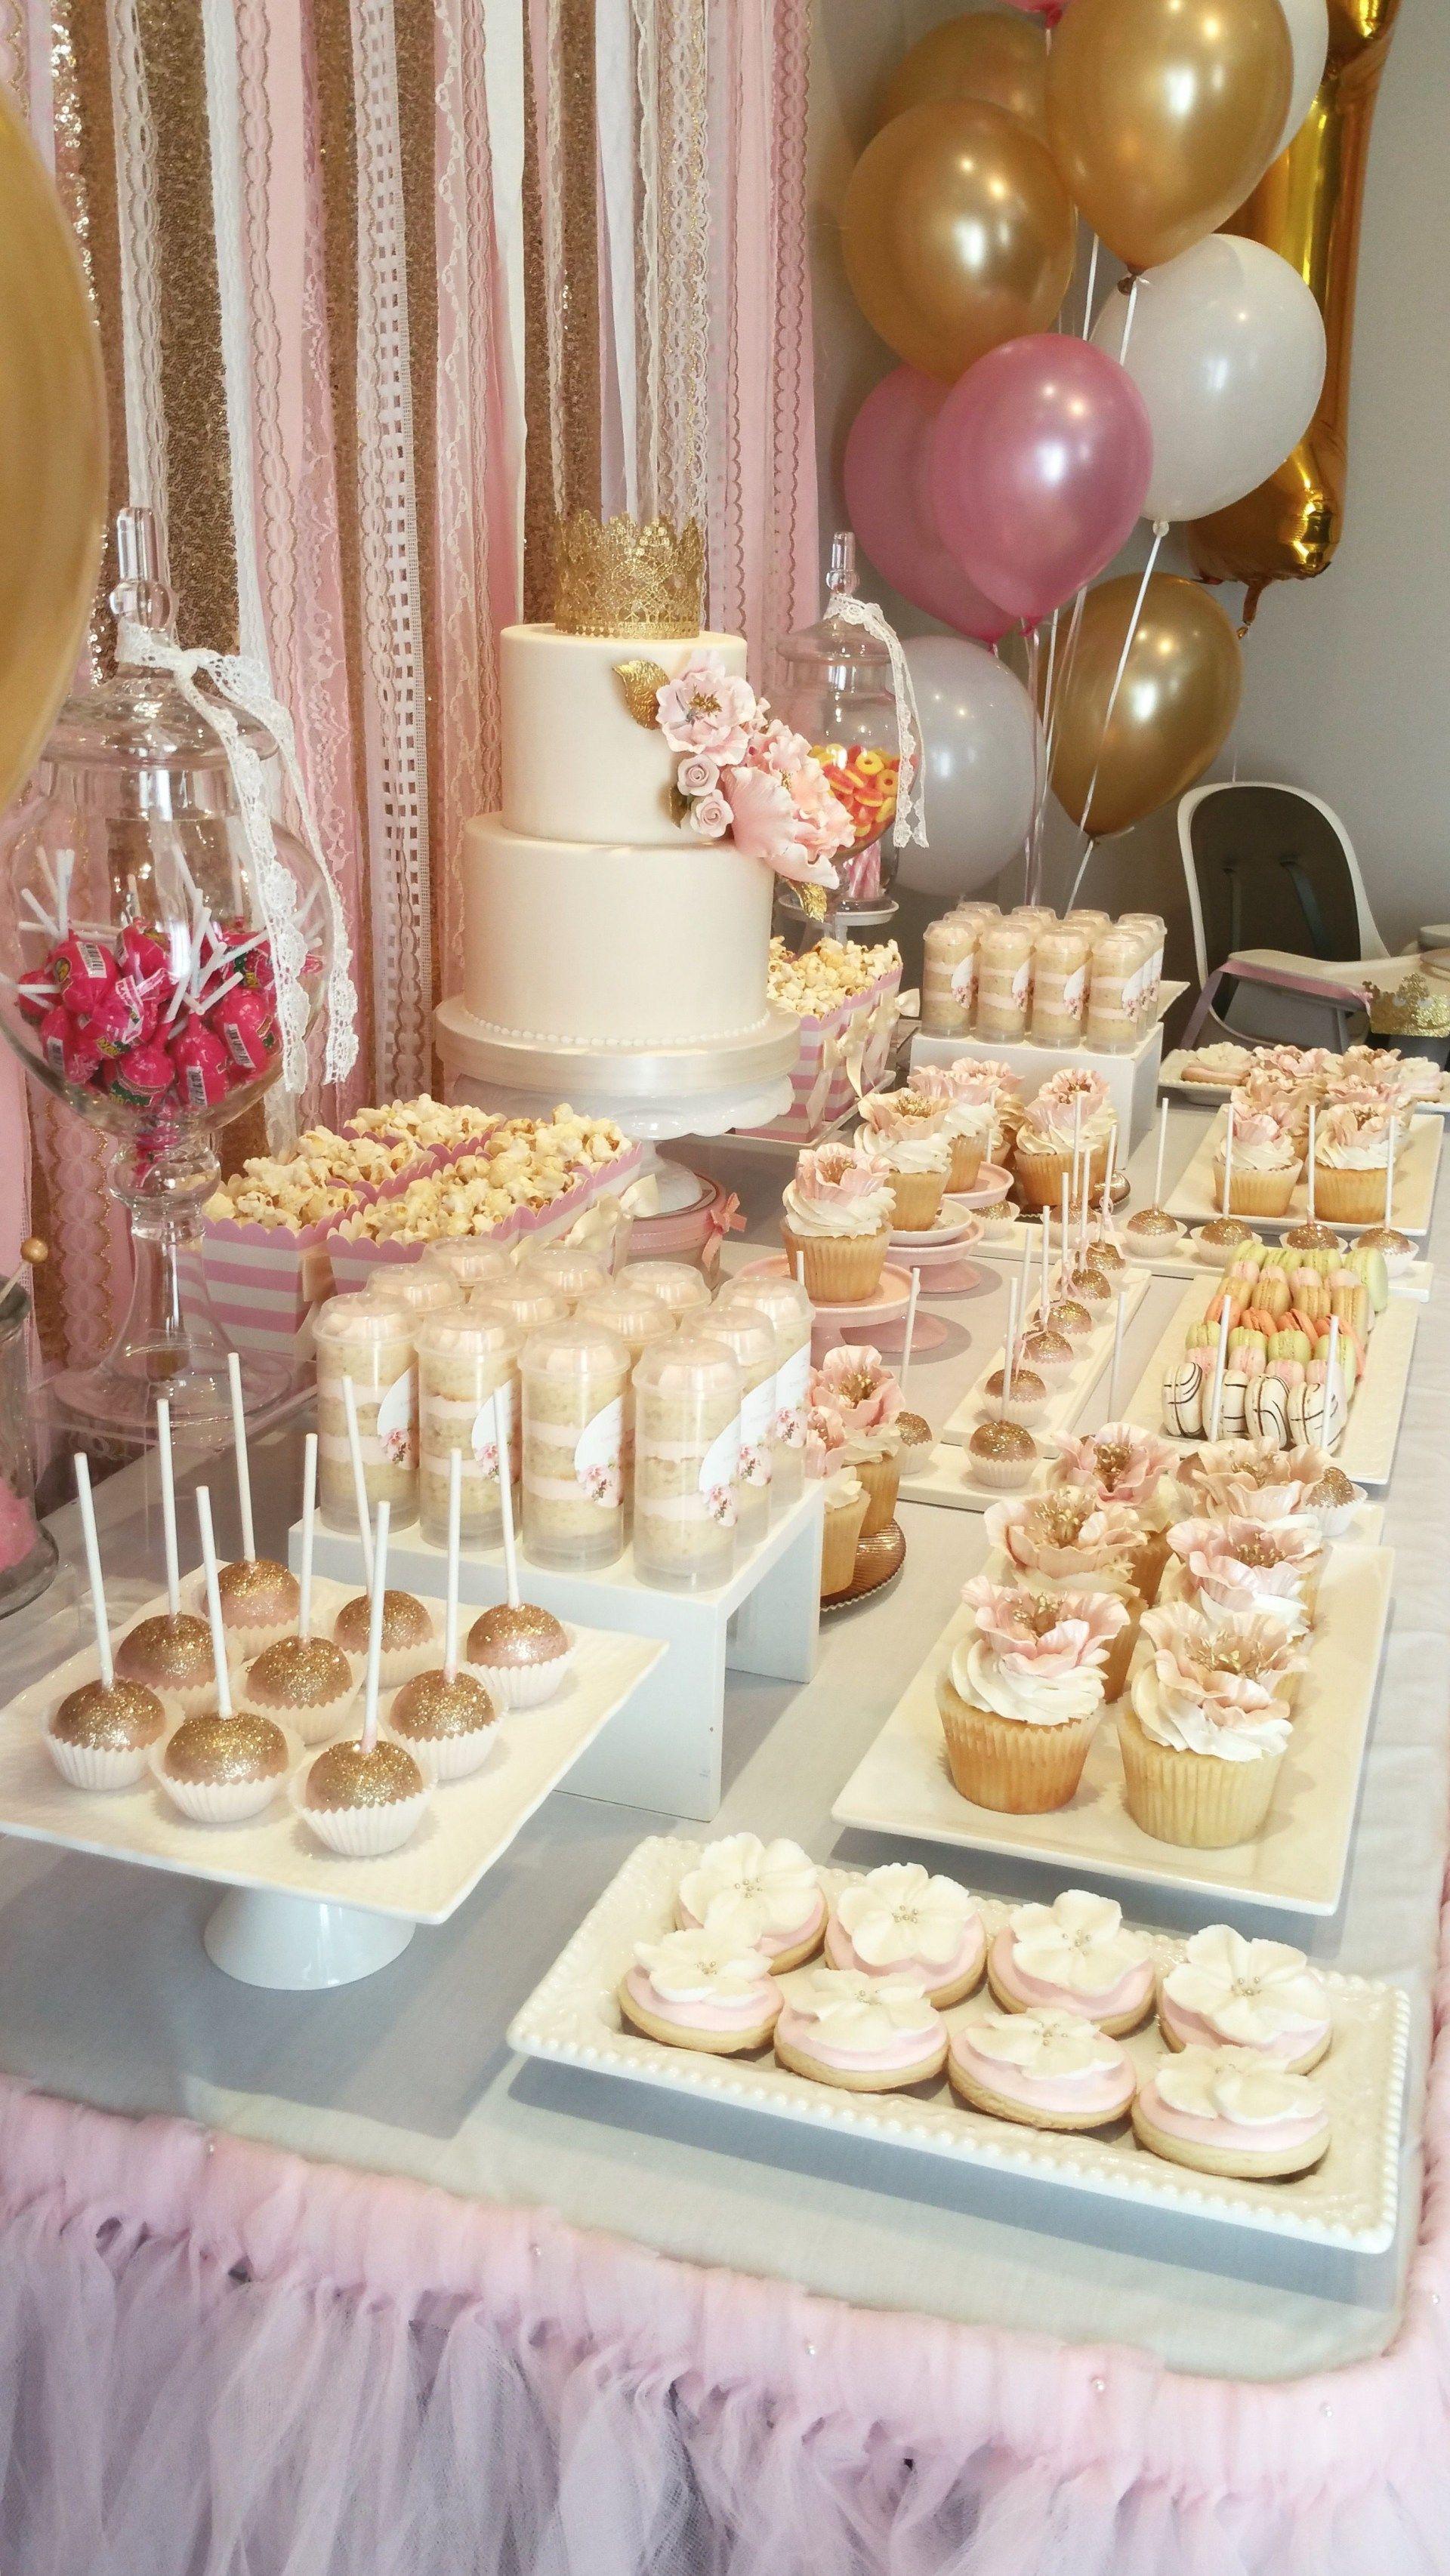 Birthday Cake Table Decoration Ideas Romelia Cordeiro Wedding Centerpieces Pinterest Pi Pink And Gold Birthday Party Cake Table Decorations Gold Birthday Party